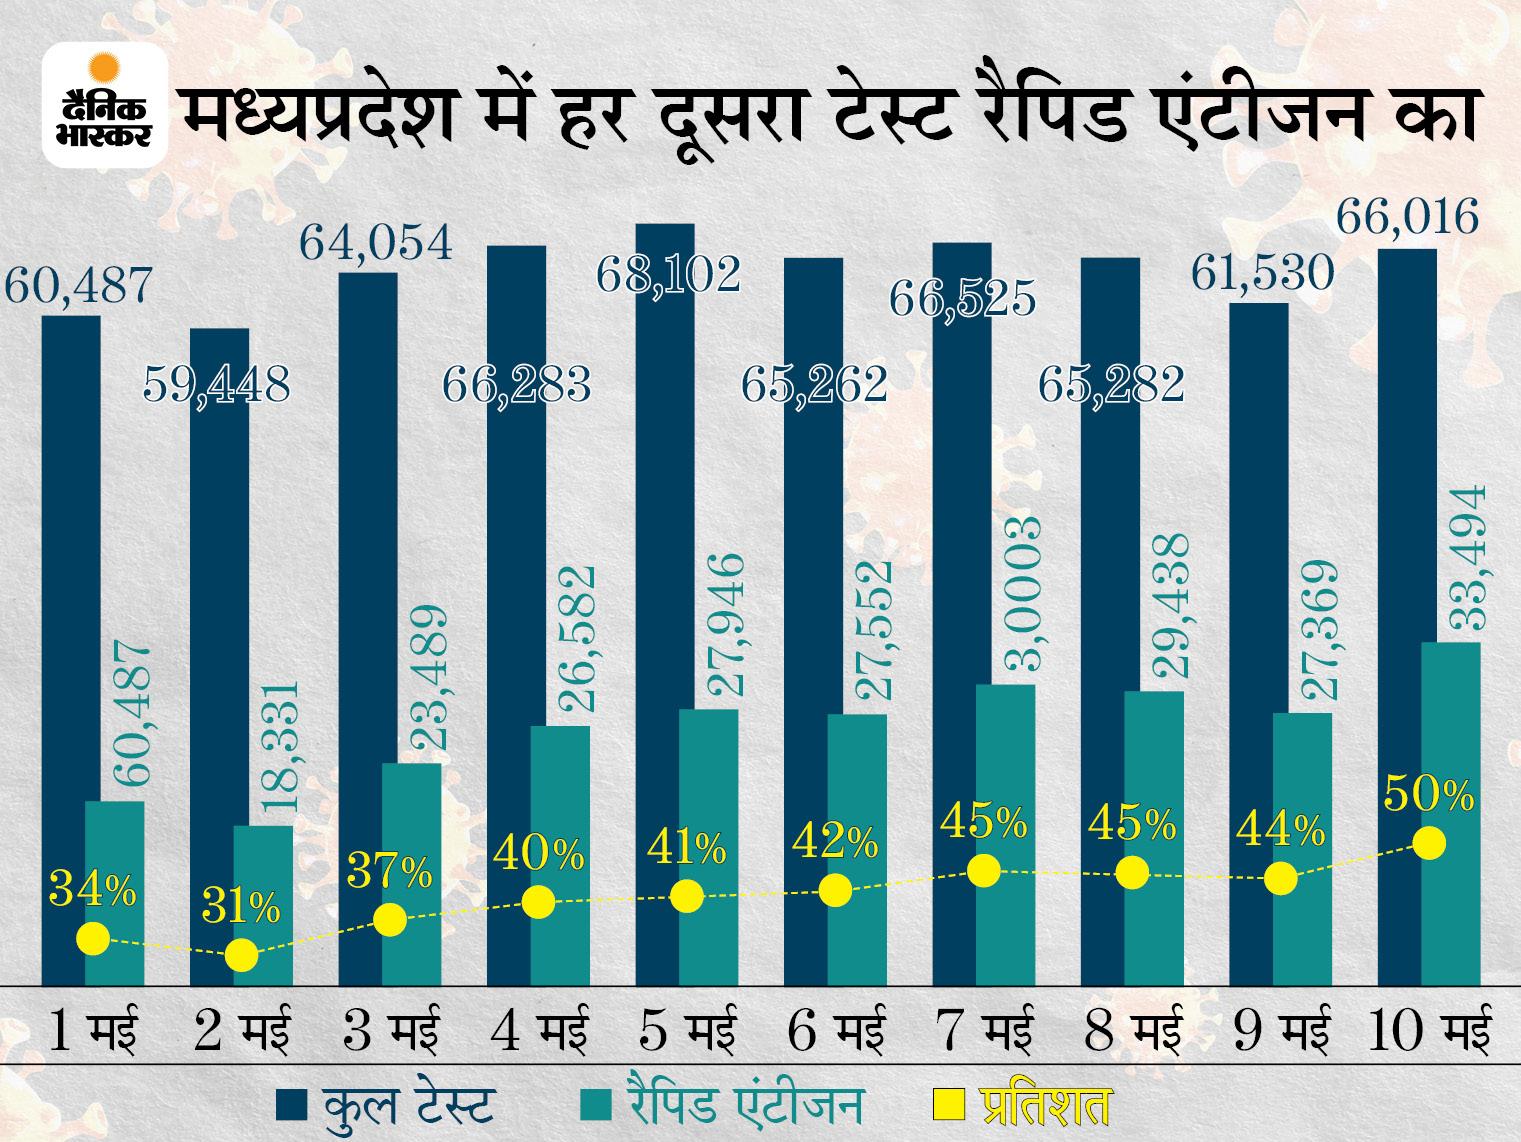 MP में हर दूसरा टेस्ट रैपिड एंटीजन होने से 10 दिन में संक्रमण दर 25 से घटकर 15% पर; राजस्थान में RT-PCR होने से दर बढ़कर 40% पहुंची मध्य प्रदेश,Madhya Pradesh - Dainik Bhaskar